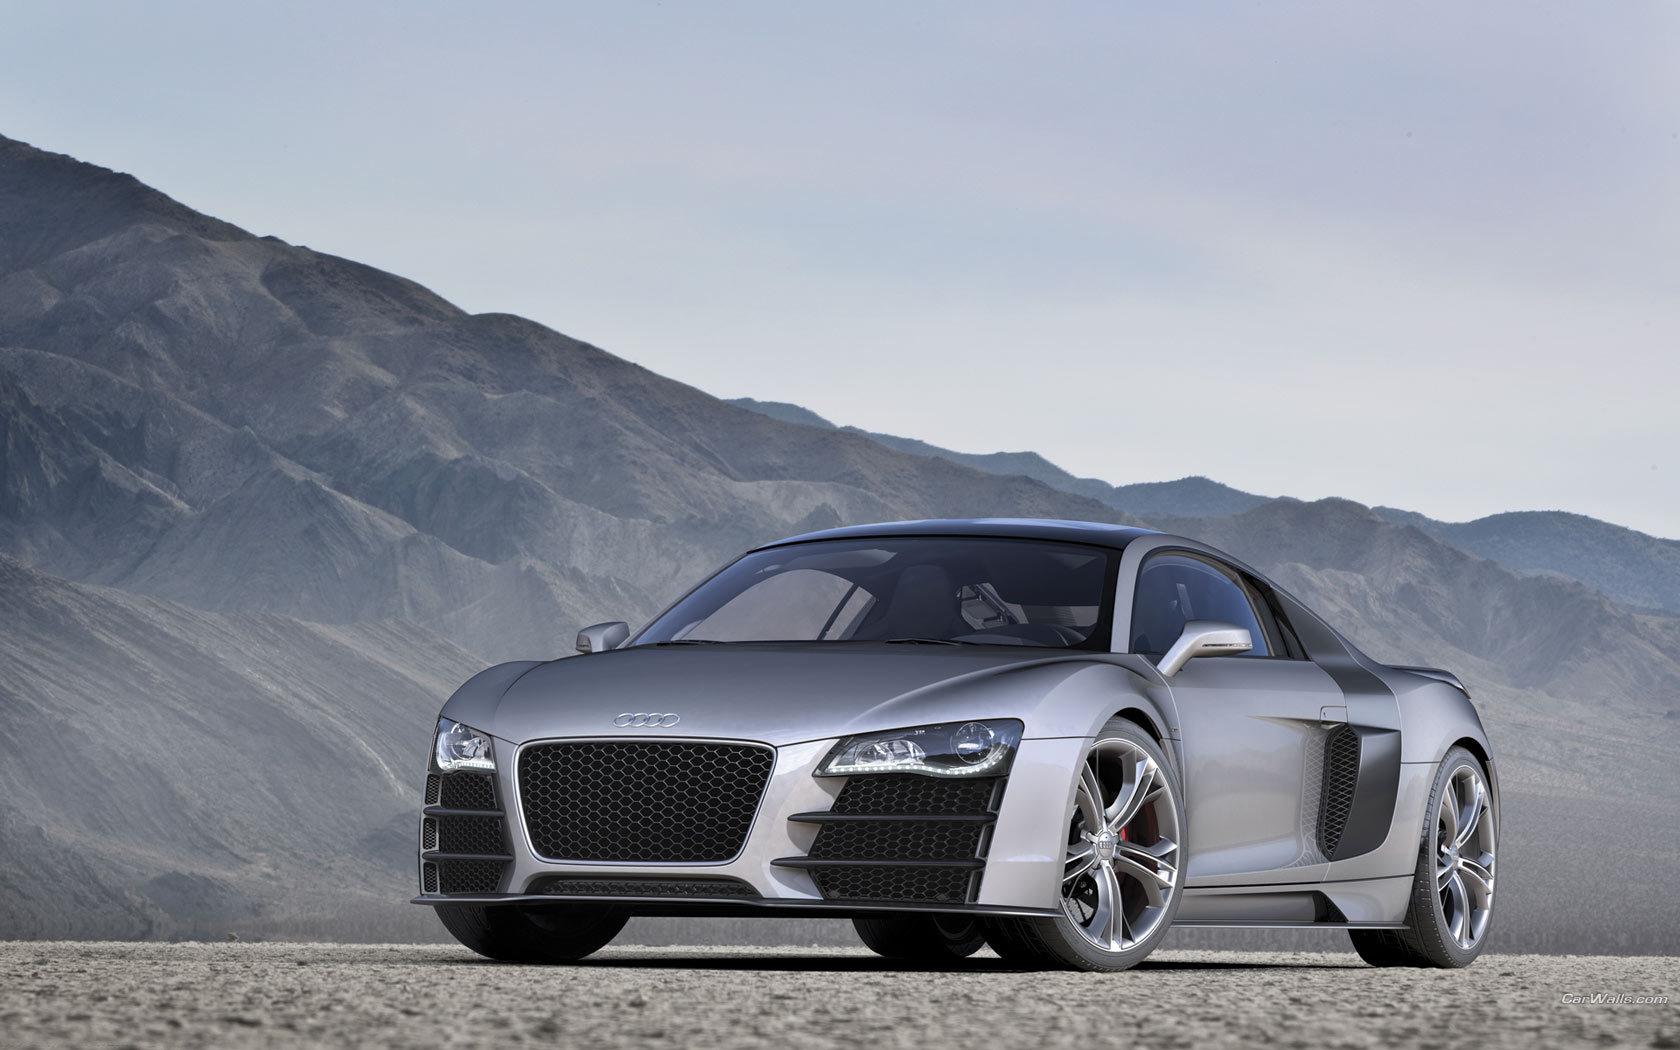 8536 скачать обои Транспорт, Машины, Ауди (Audi) - заставки и картинки бесплатно